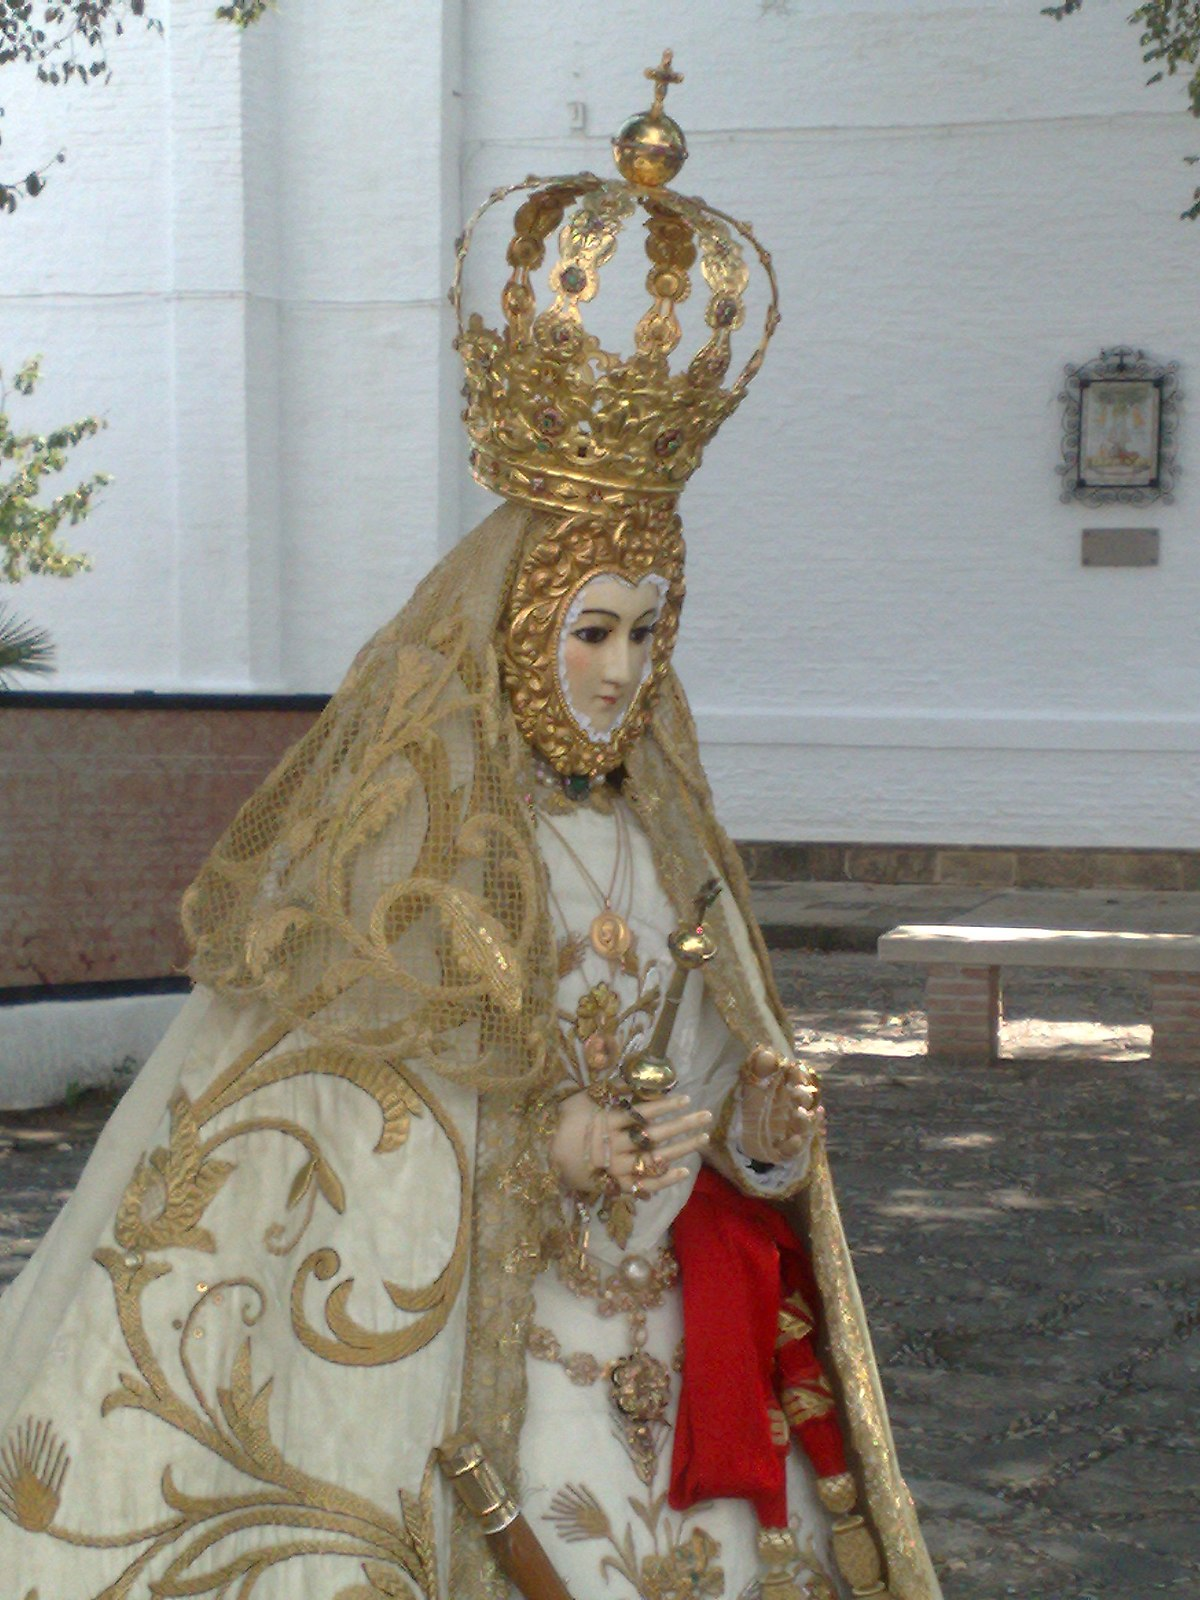 Maria de todos los reyes cervantes - 2 6